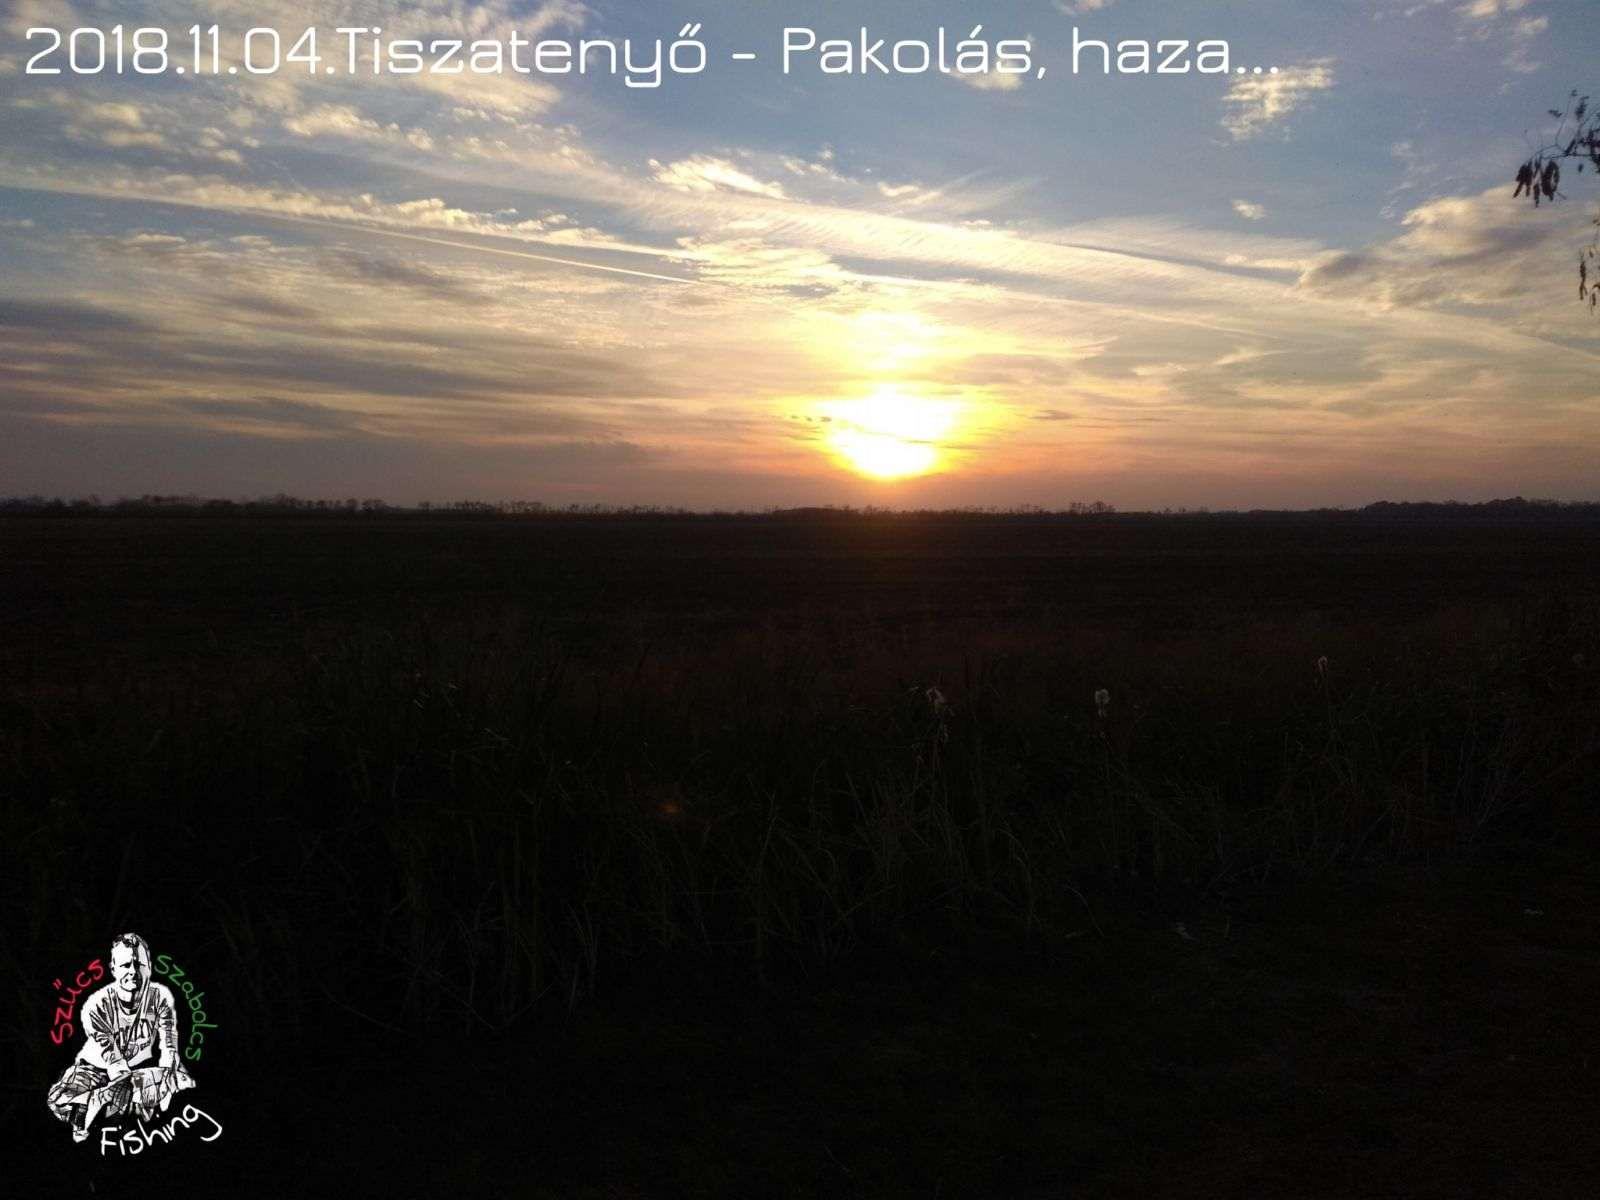 2018-11-04-Tiszatenyo-IMG_20181104_155758